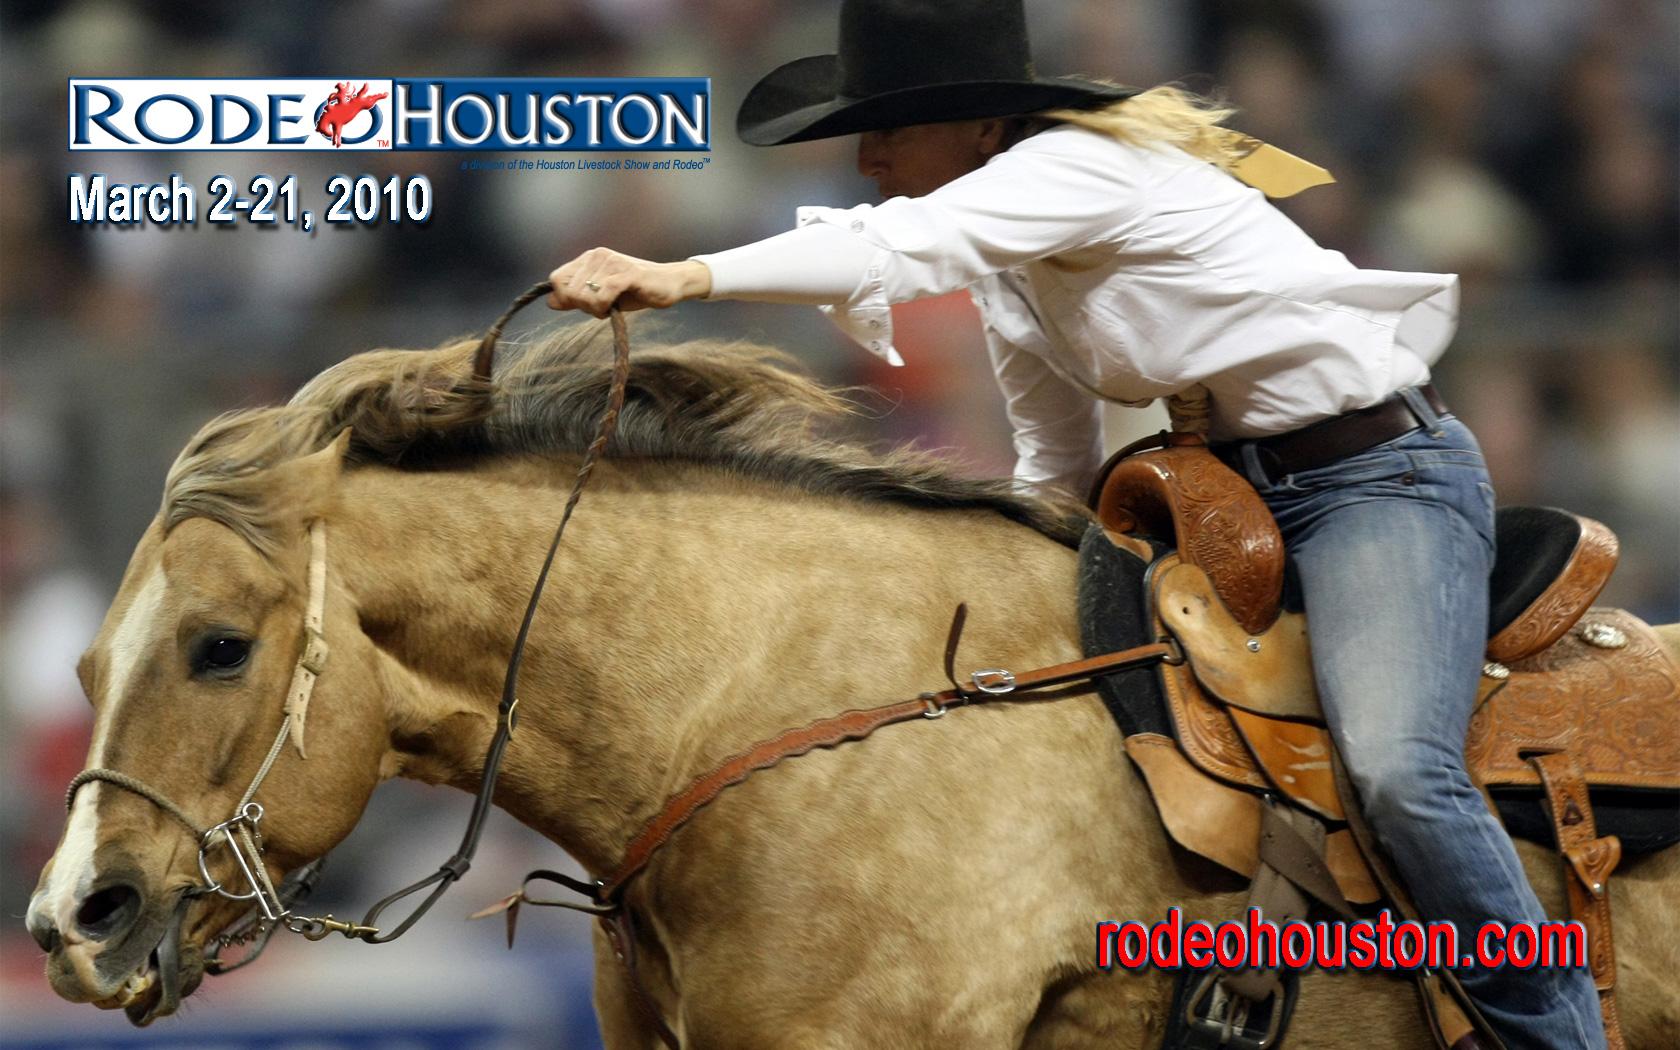 465cbacaf Pule las botas para el rodeo en Houston